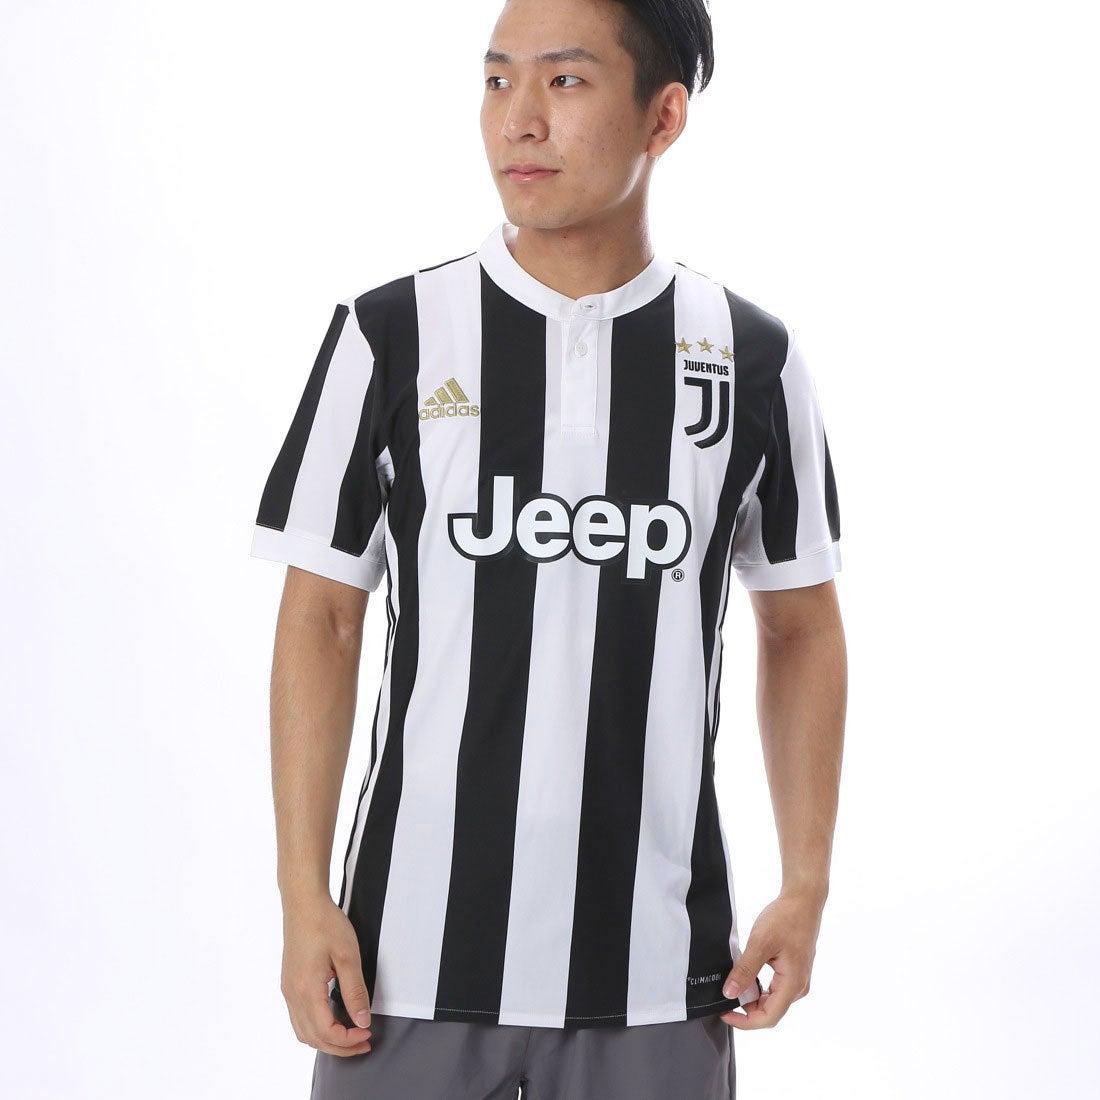 アディダス adidas メンズ サッカー/フットサル ライセンスシャツ ユベントス ホーム レプリカ ユニフォーム BQ4533